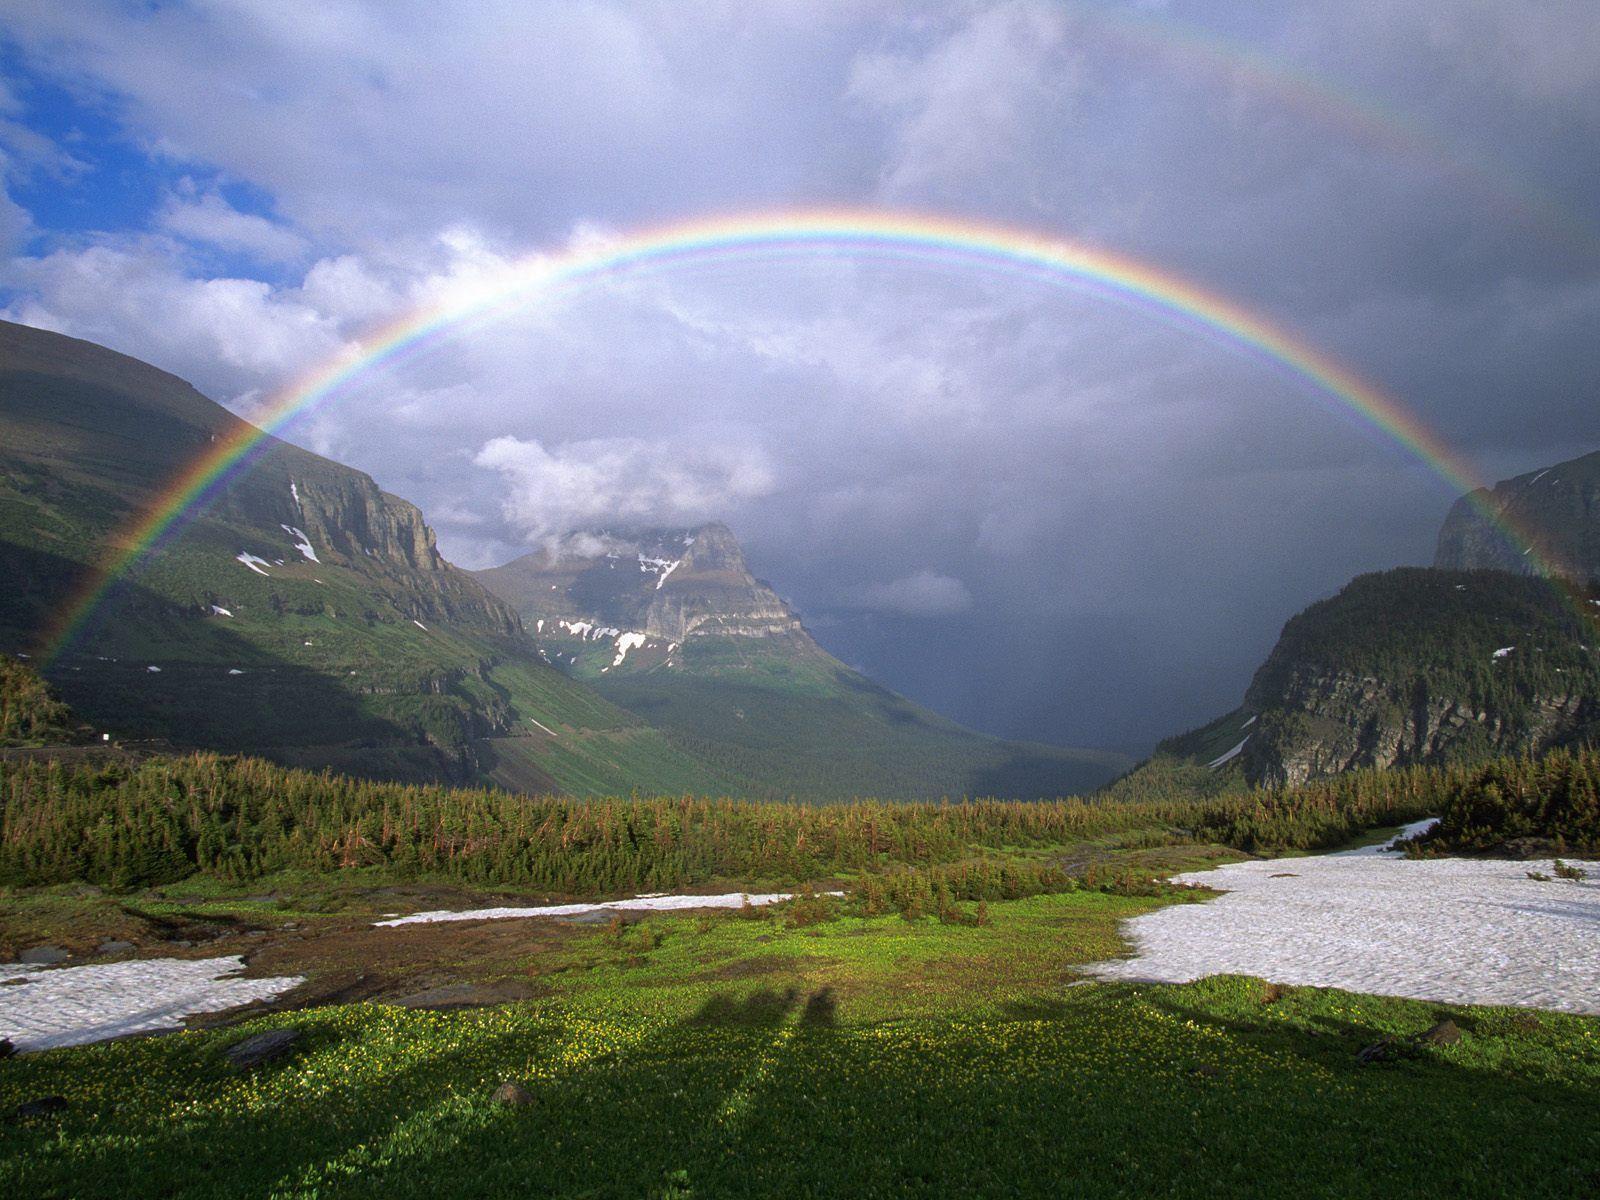 152979 скачать обои Радуга, Зелень, Природа, Горы, Снег, Тучи - заставки и картинки бесплатно